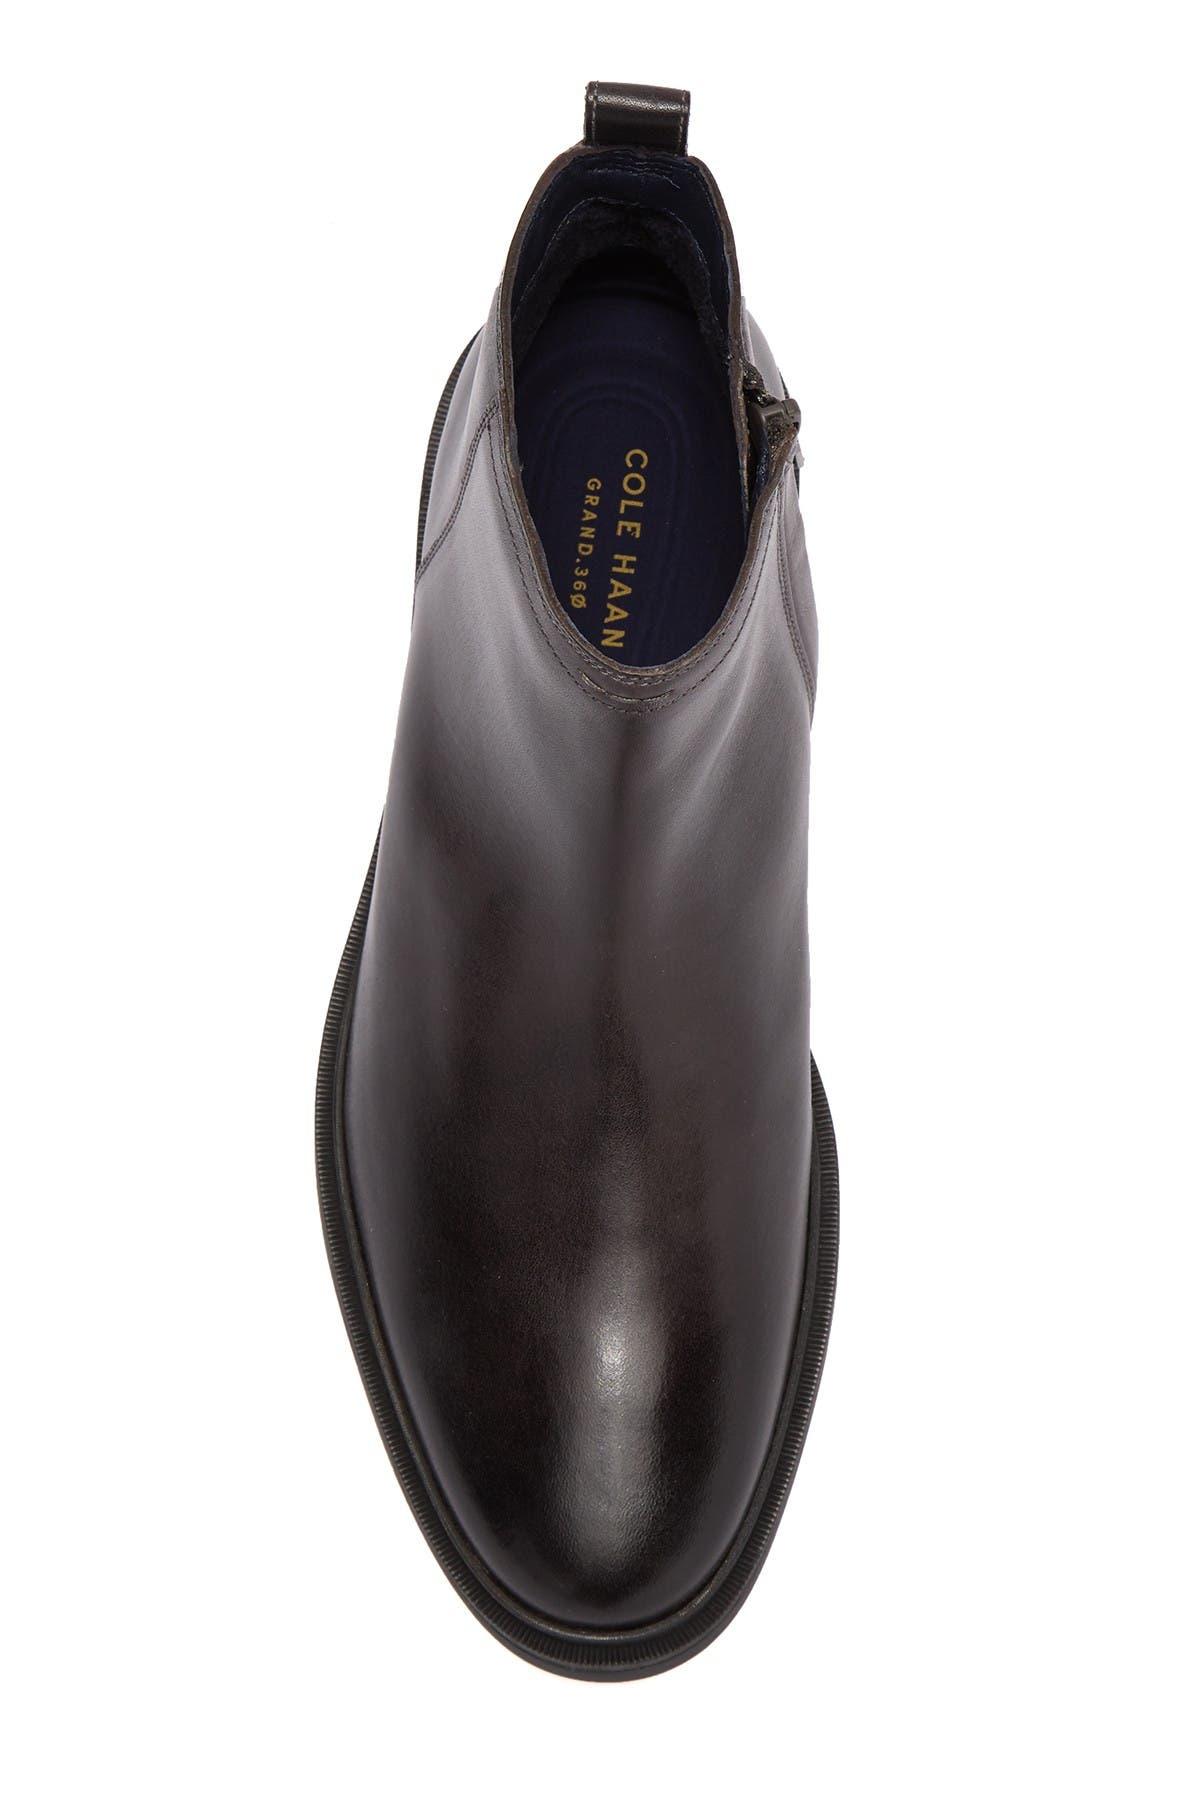 Cole Haan | Bernard Leather Zip Boot